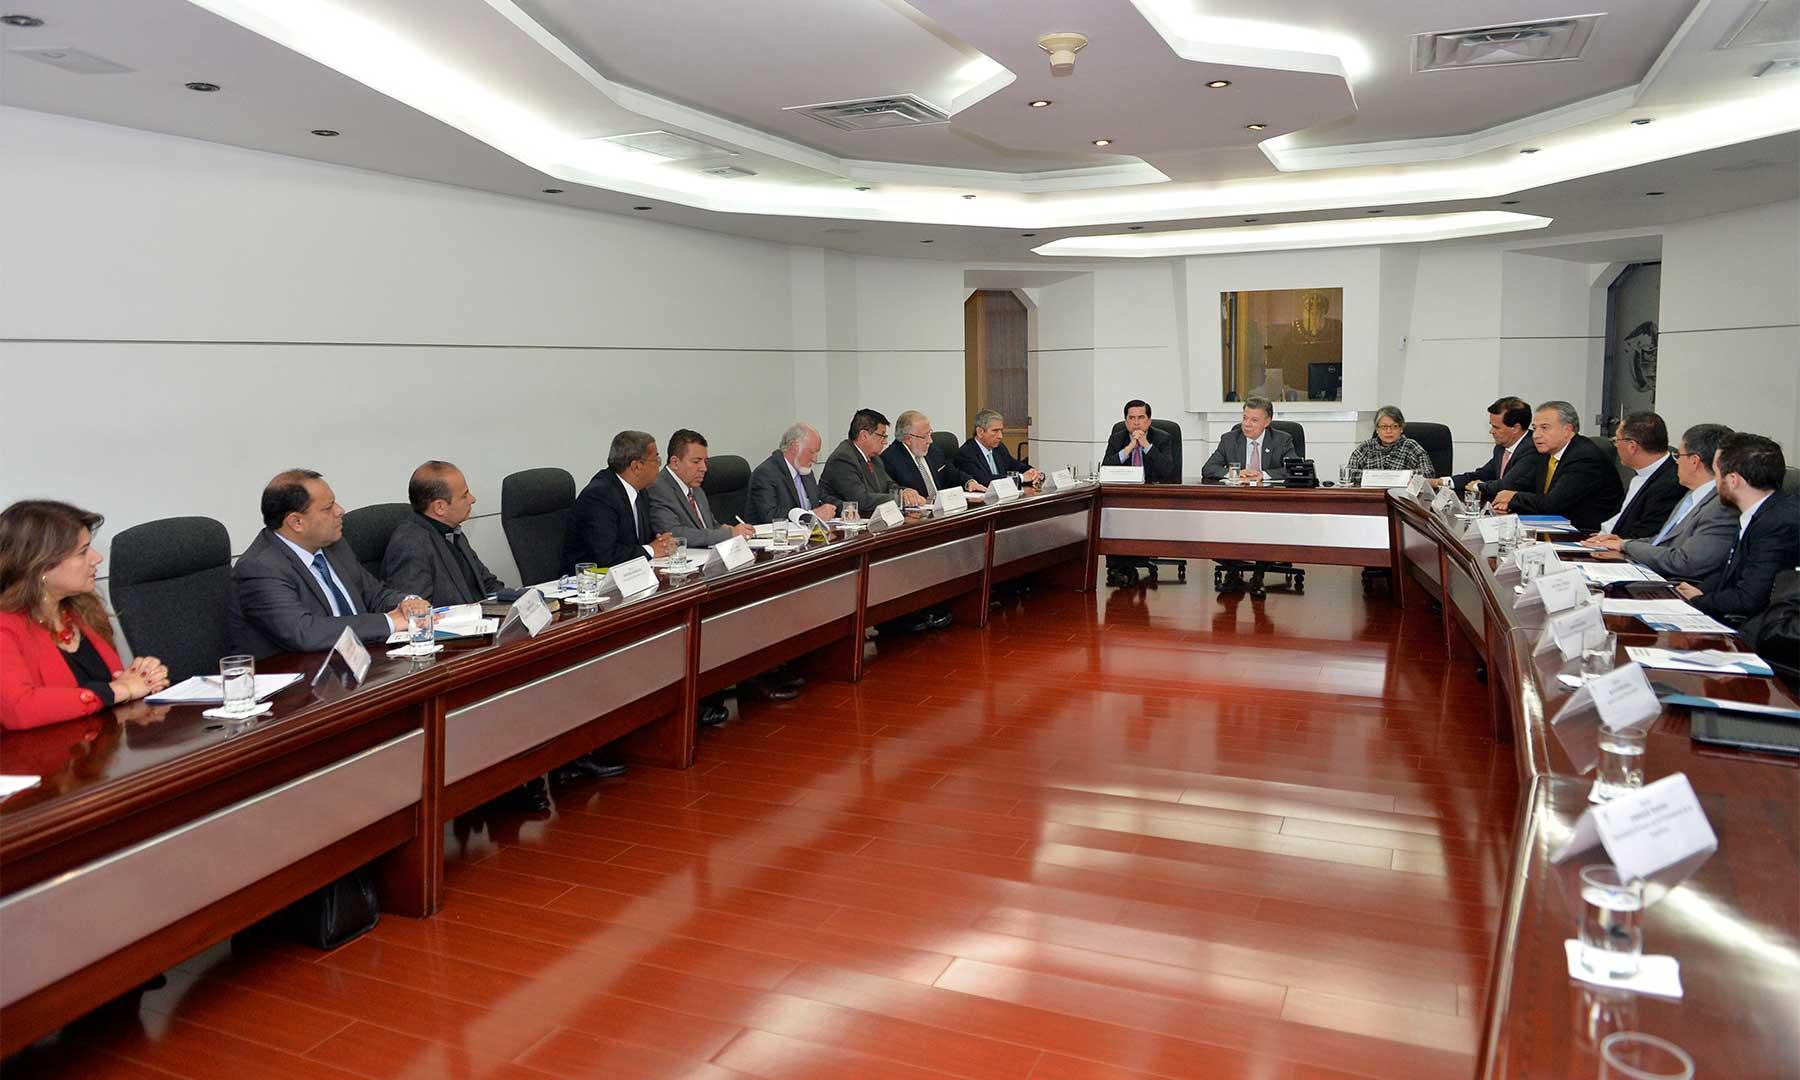 El Presidente Juan Manuel Santos se reunió este martes en la Casa de Nariño con líderes de iglesias cristianas sobre el proceso de diálogo para llevar a feliz término el proceso de paz.